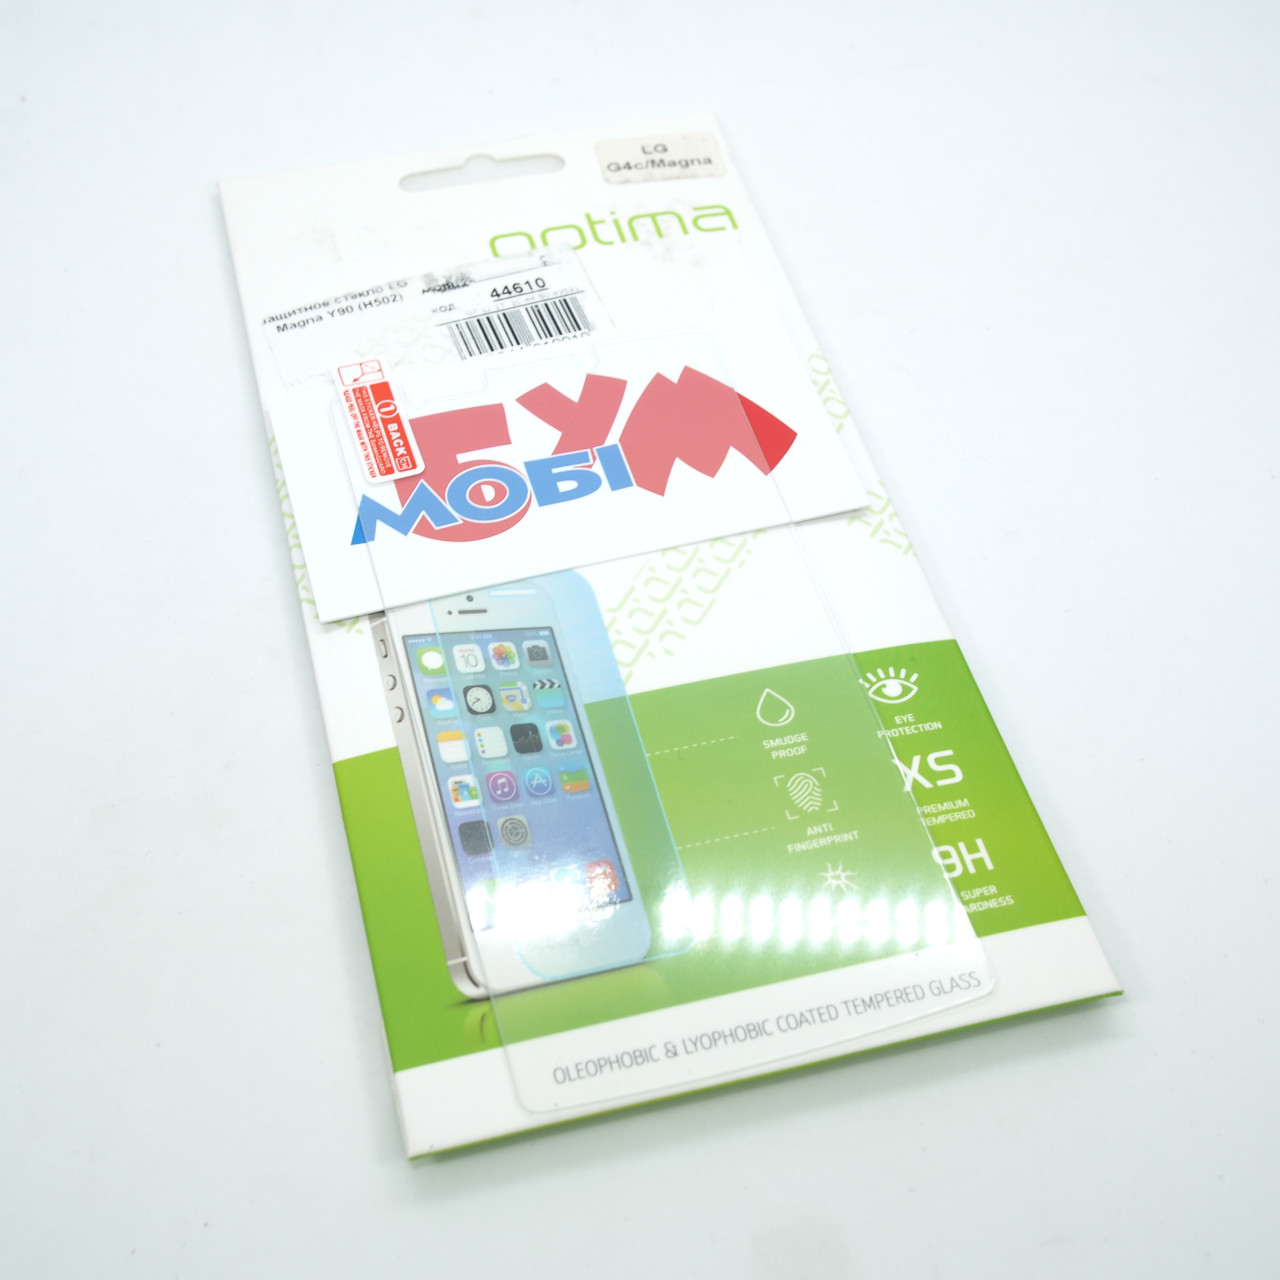 LG Magna Y90 Для телефона